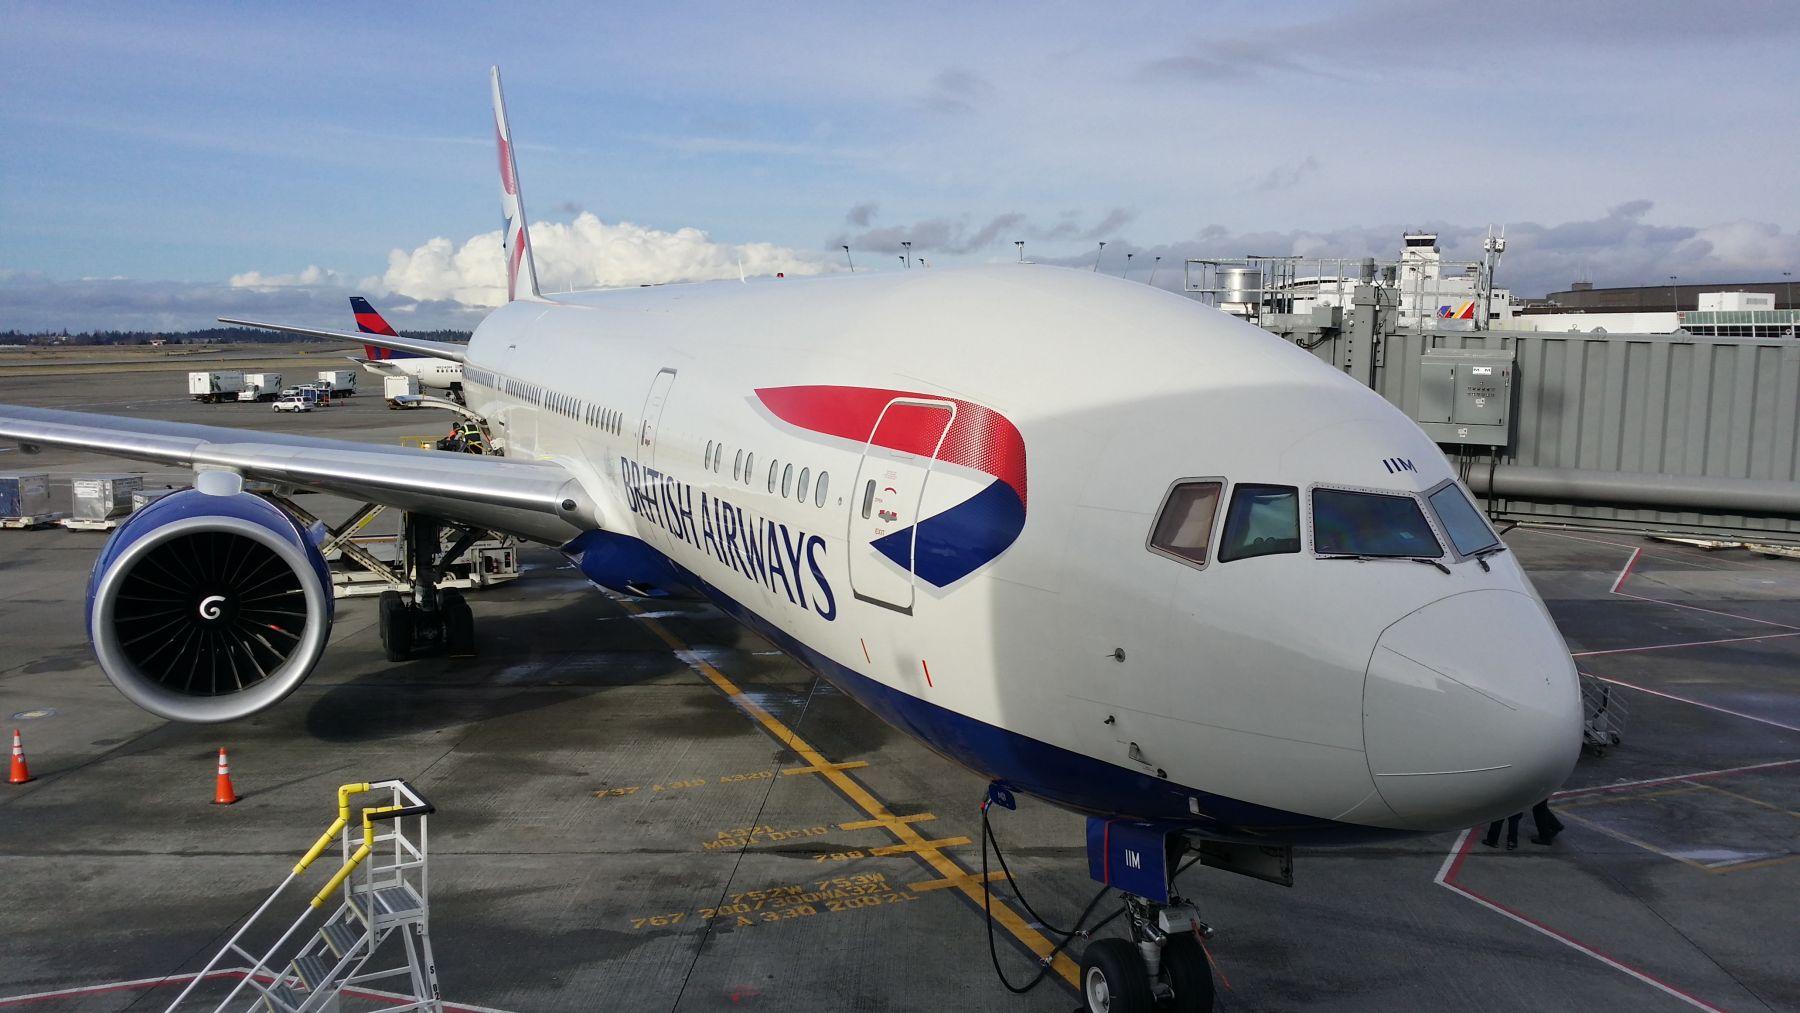 My First Intercontinental Trip with British Airways